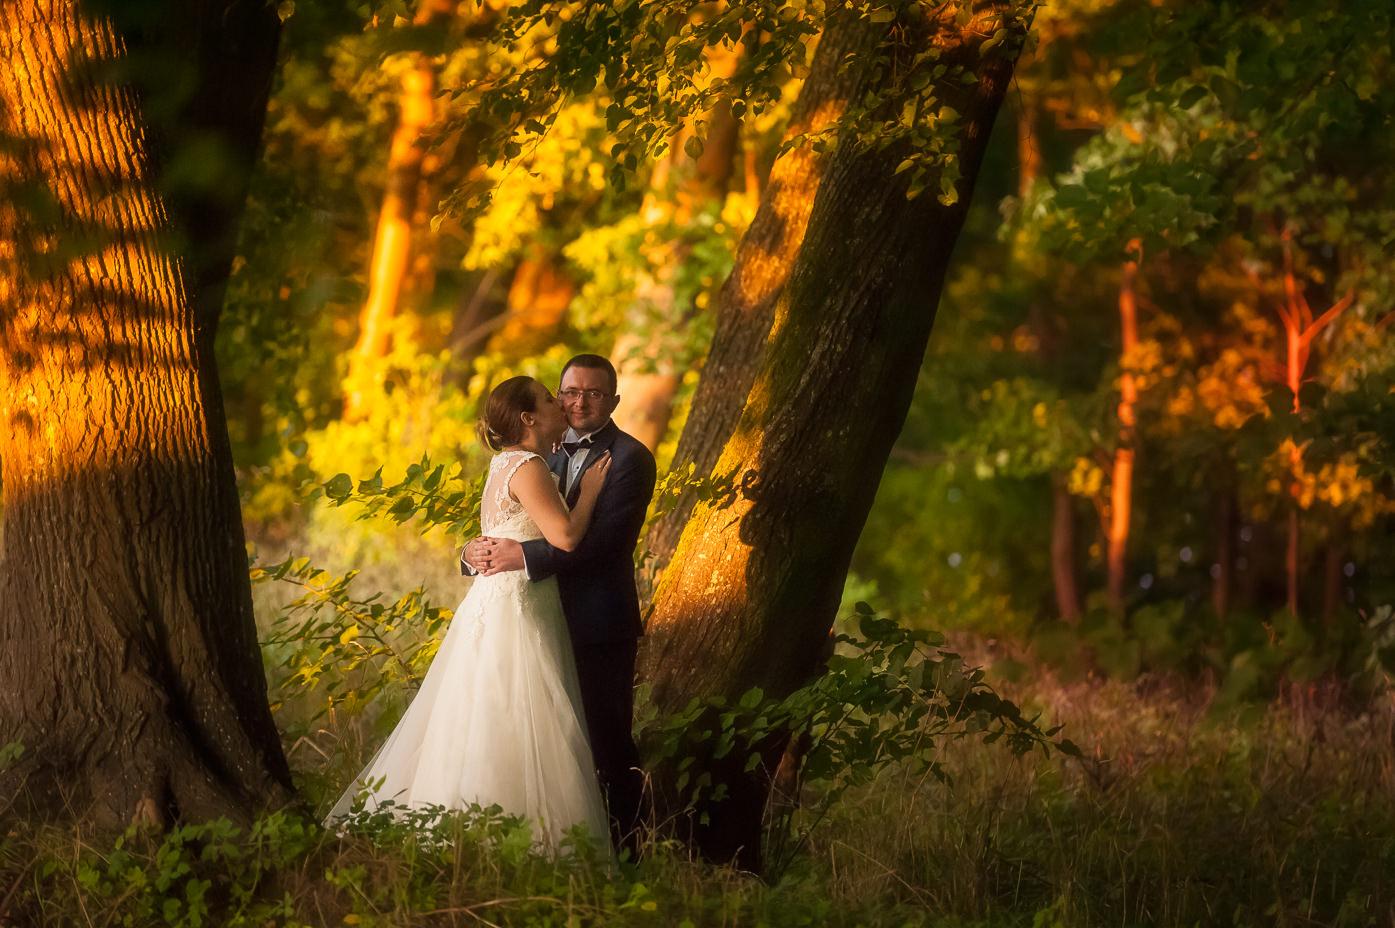 romantyczna sesja ślubna w lesie fotograf-weselny-Elbląg-fotografia-ślubna-Elbląg-sesja-ślubna-Elbląg